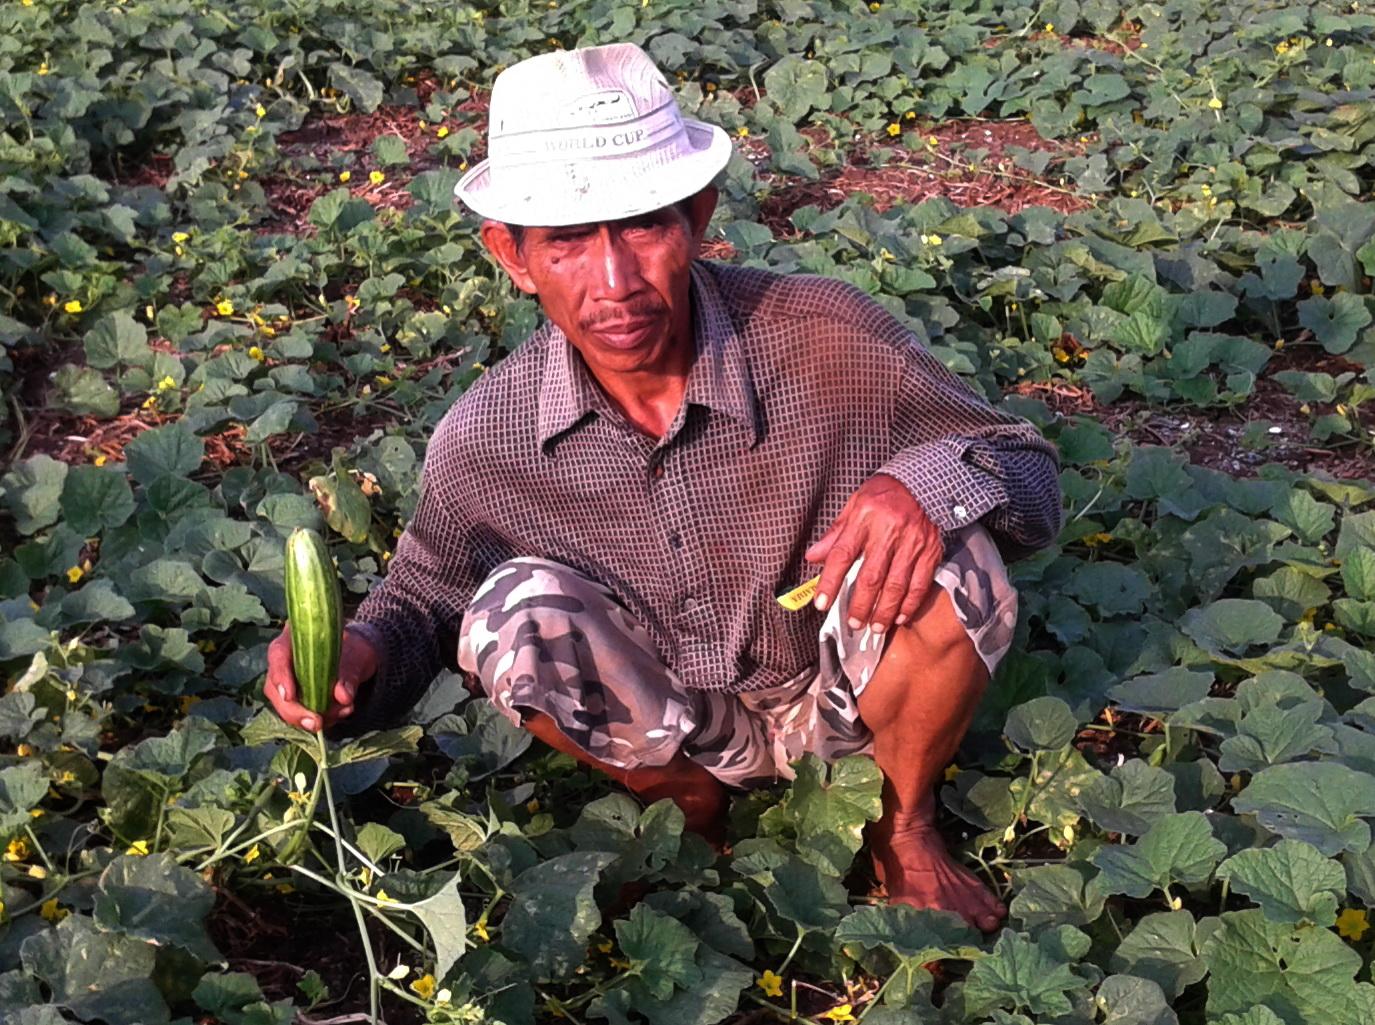 Petani Kaliombo Kemarau Manfaatkan Sawahnya Untuk Tanam Palawijo